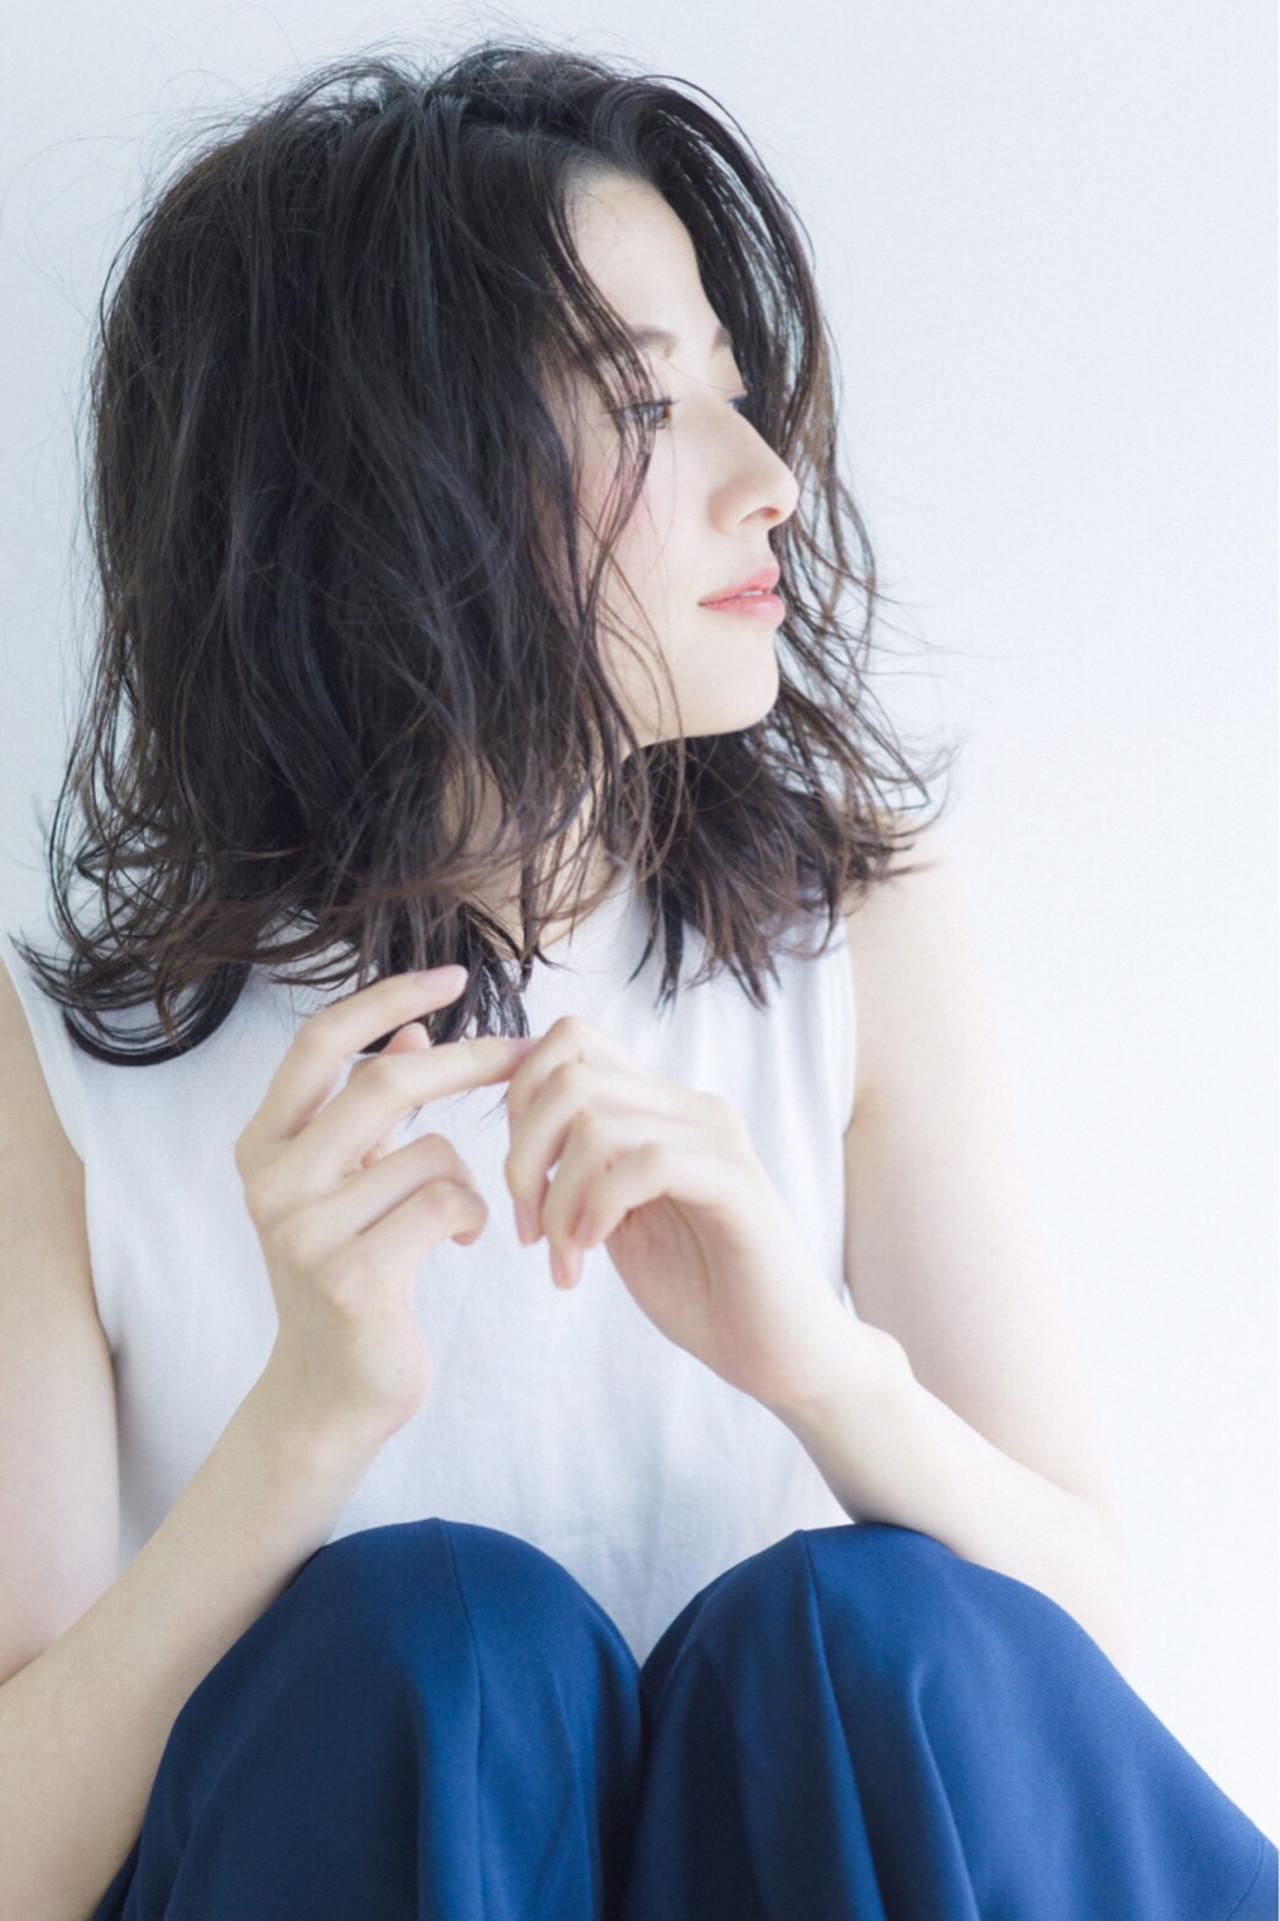 色気 ナチュラル フェミニン 暗髪 ヘアスタイルや髪型の写真・画像 | 立澤香奈 /